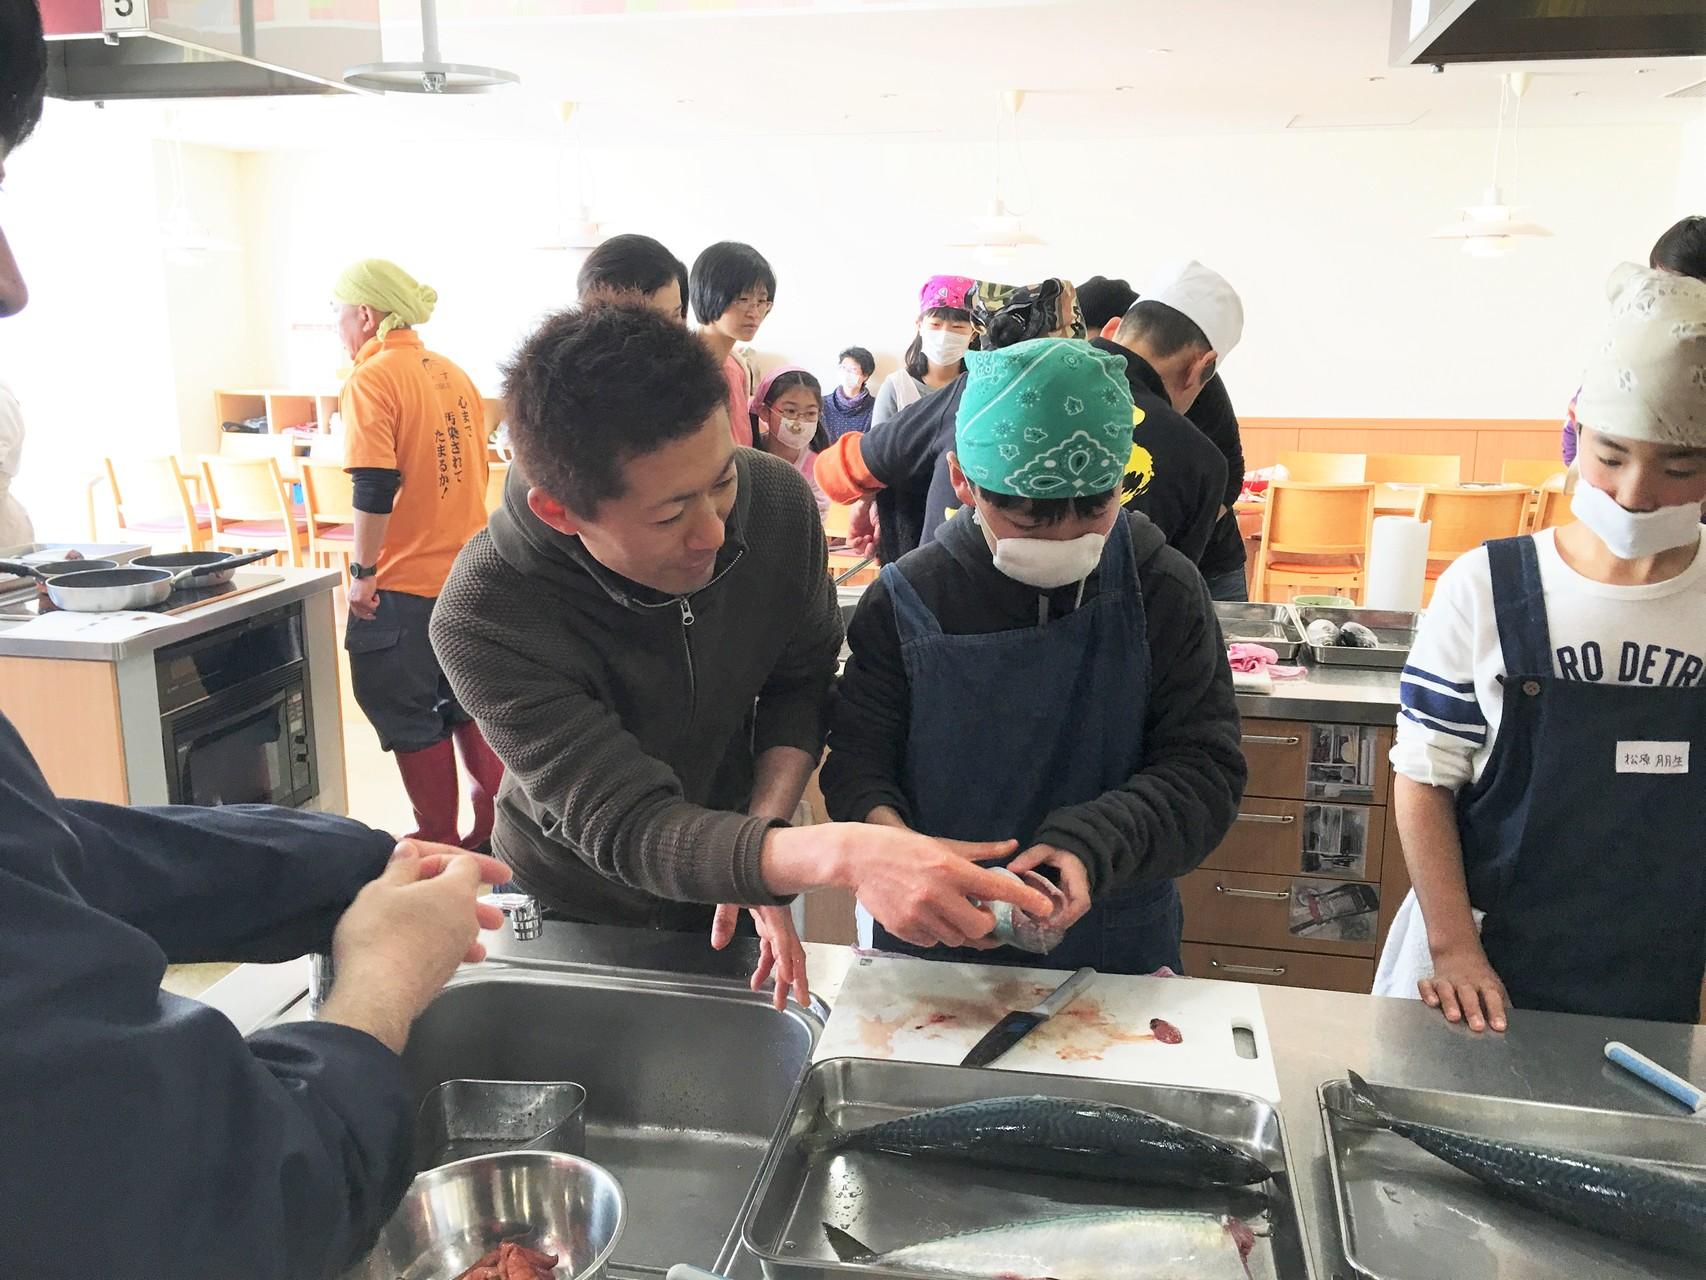 ヤマヤの加藤さん(左)の指導を受ける生徒。